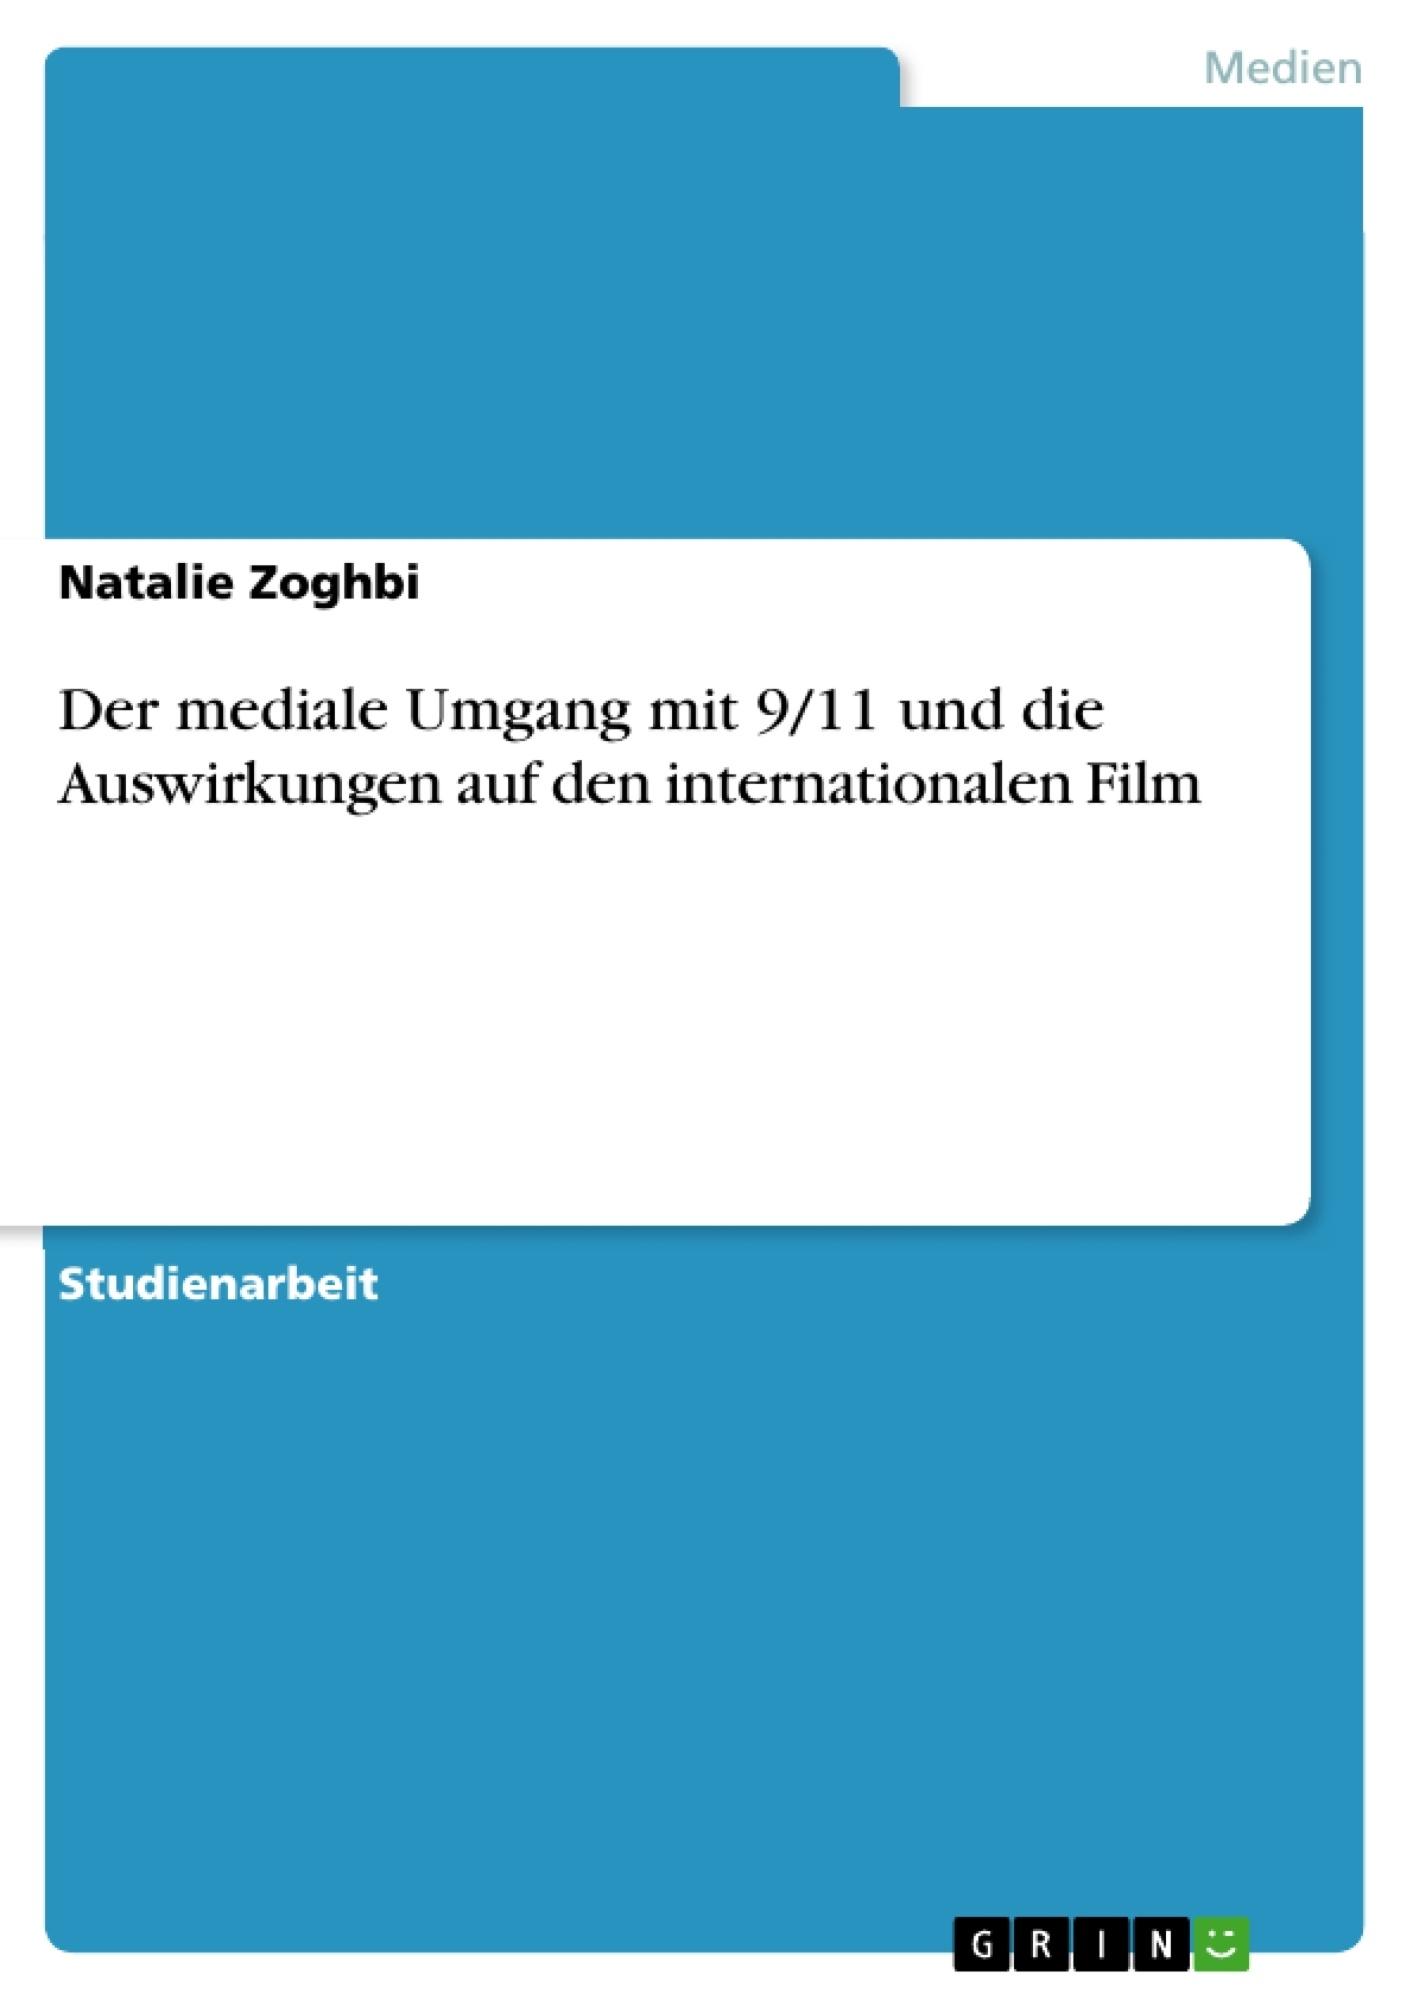 Titel: Der mediale Umgang mit 9/11 und die Auswirkungen auf den internationalen Film